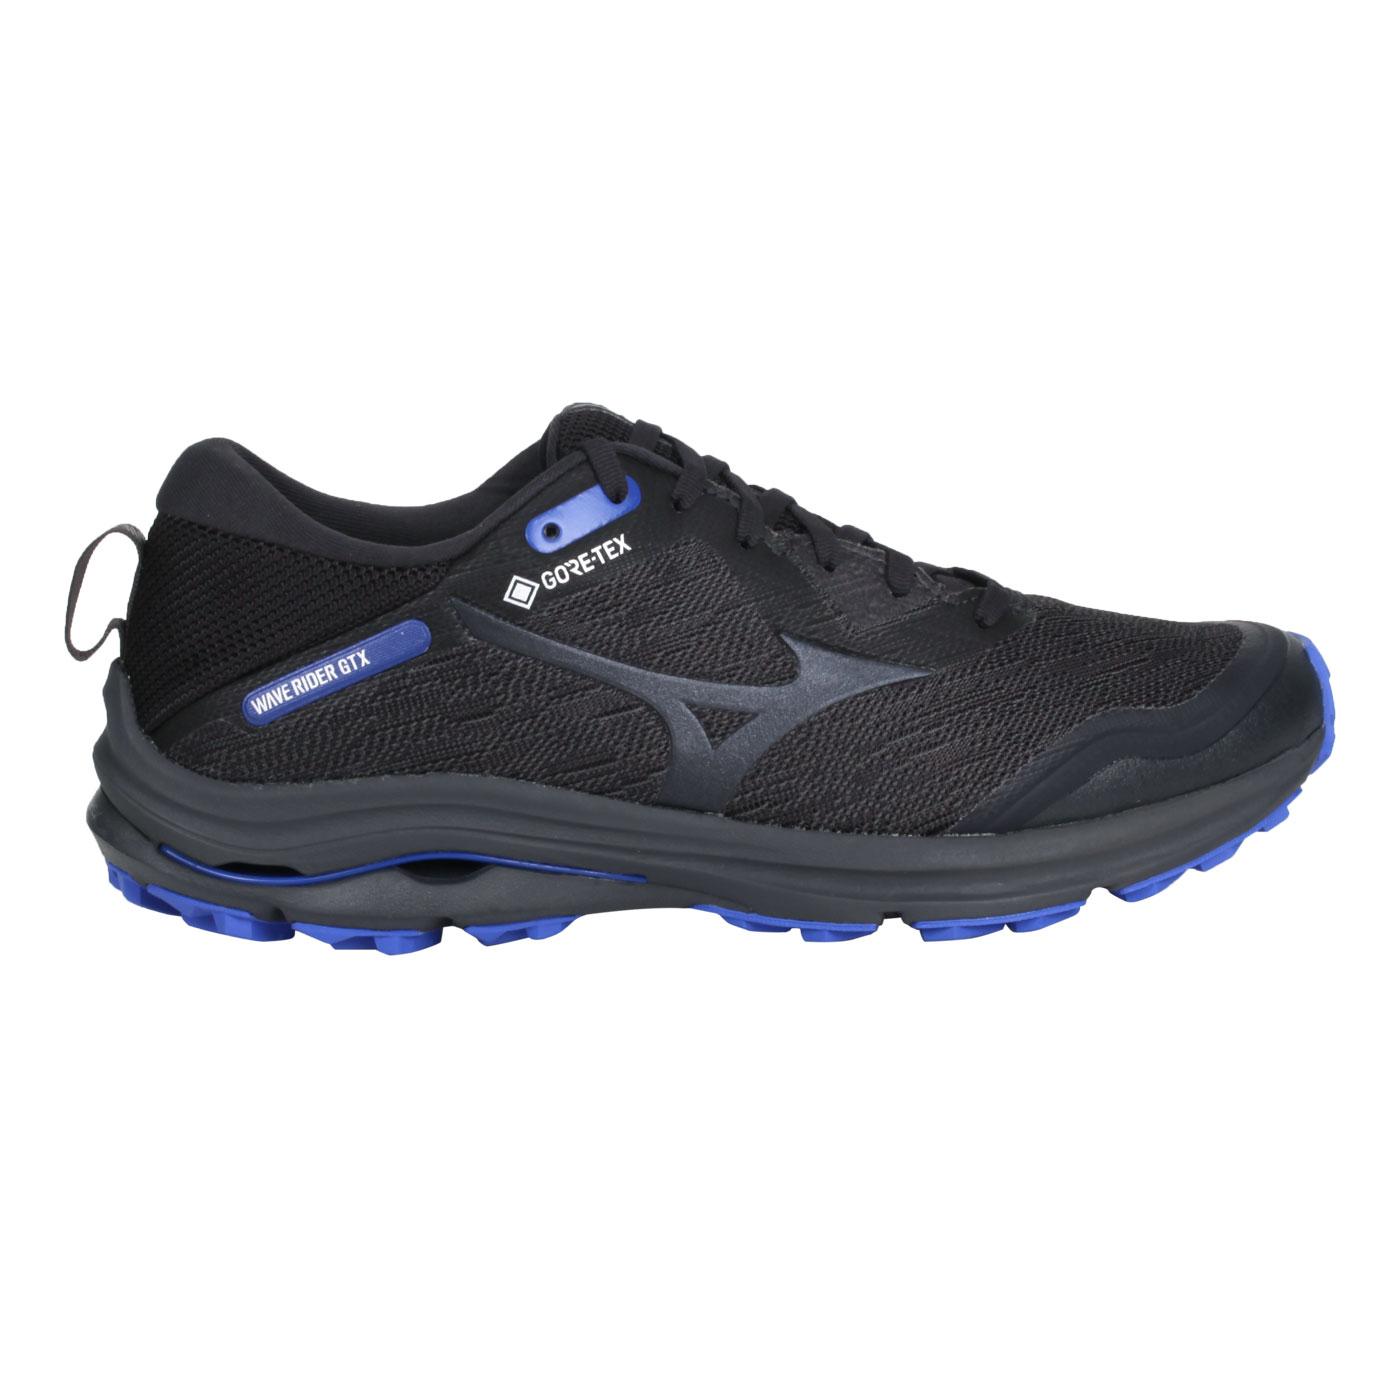 MIZUNO 男款慢跑鞋  @WAVE RIDER GTX@J1GC217913